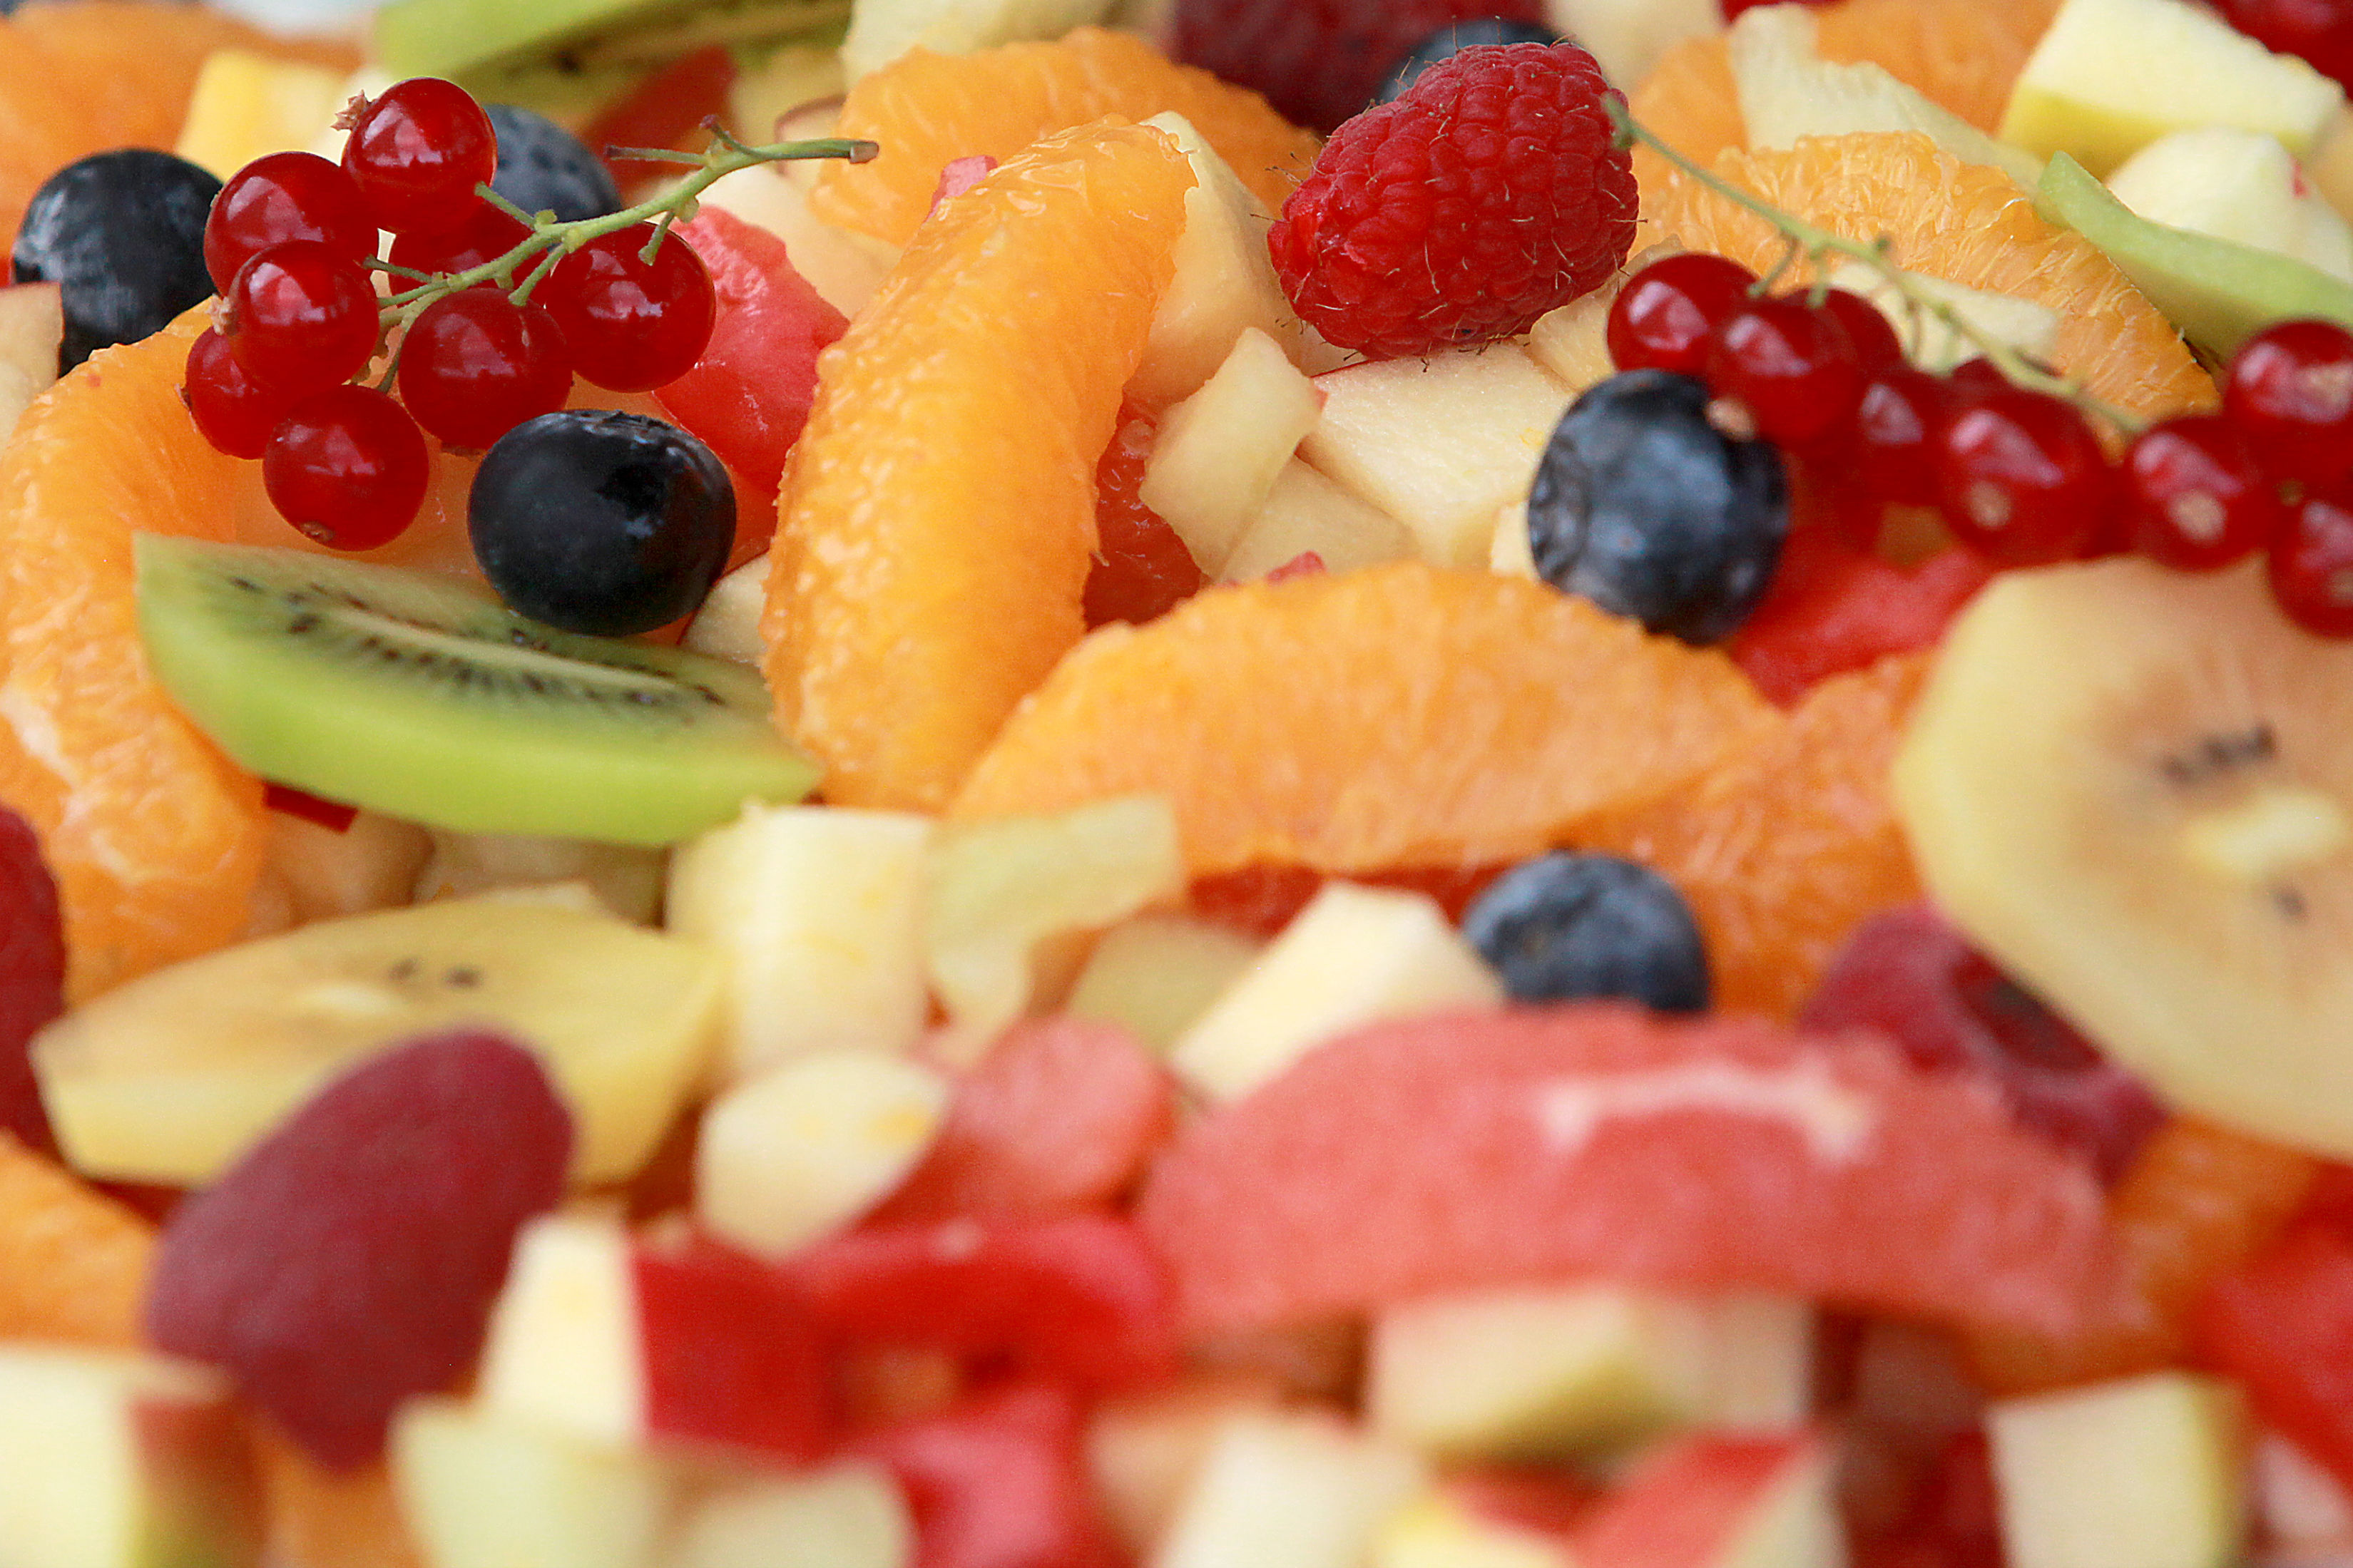 Frans, Foodfotografie, Happix